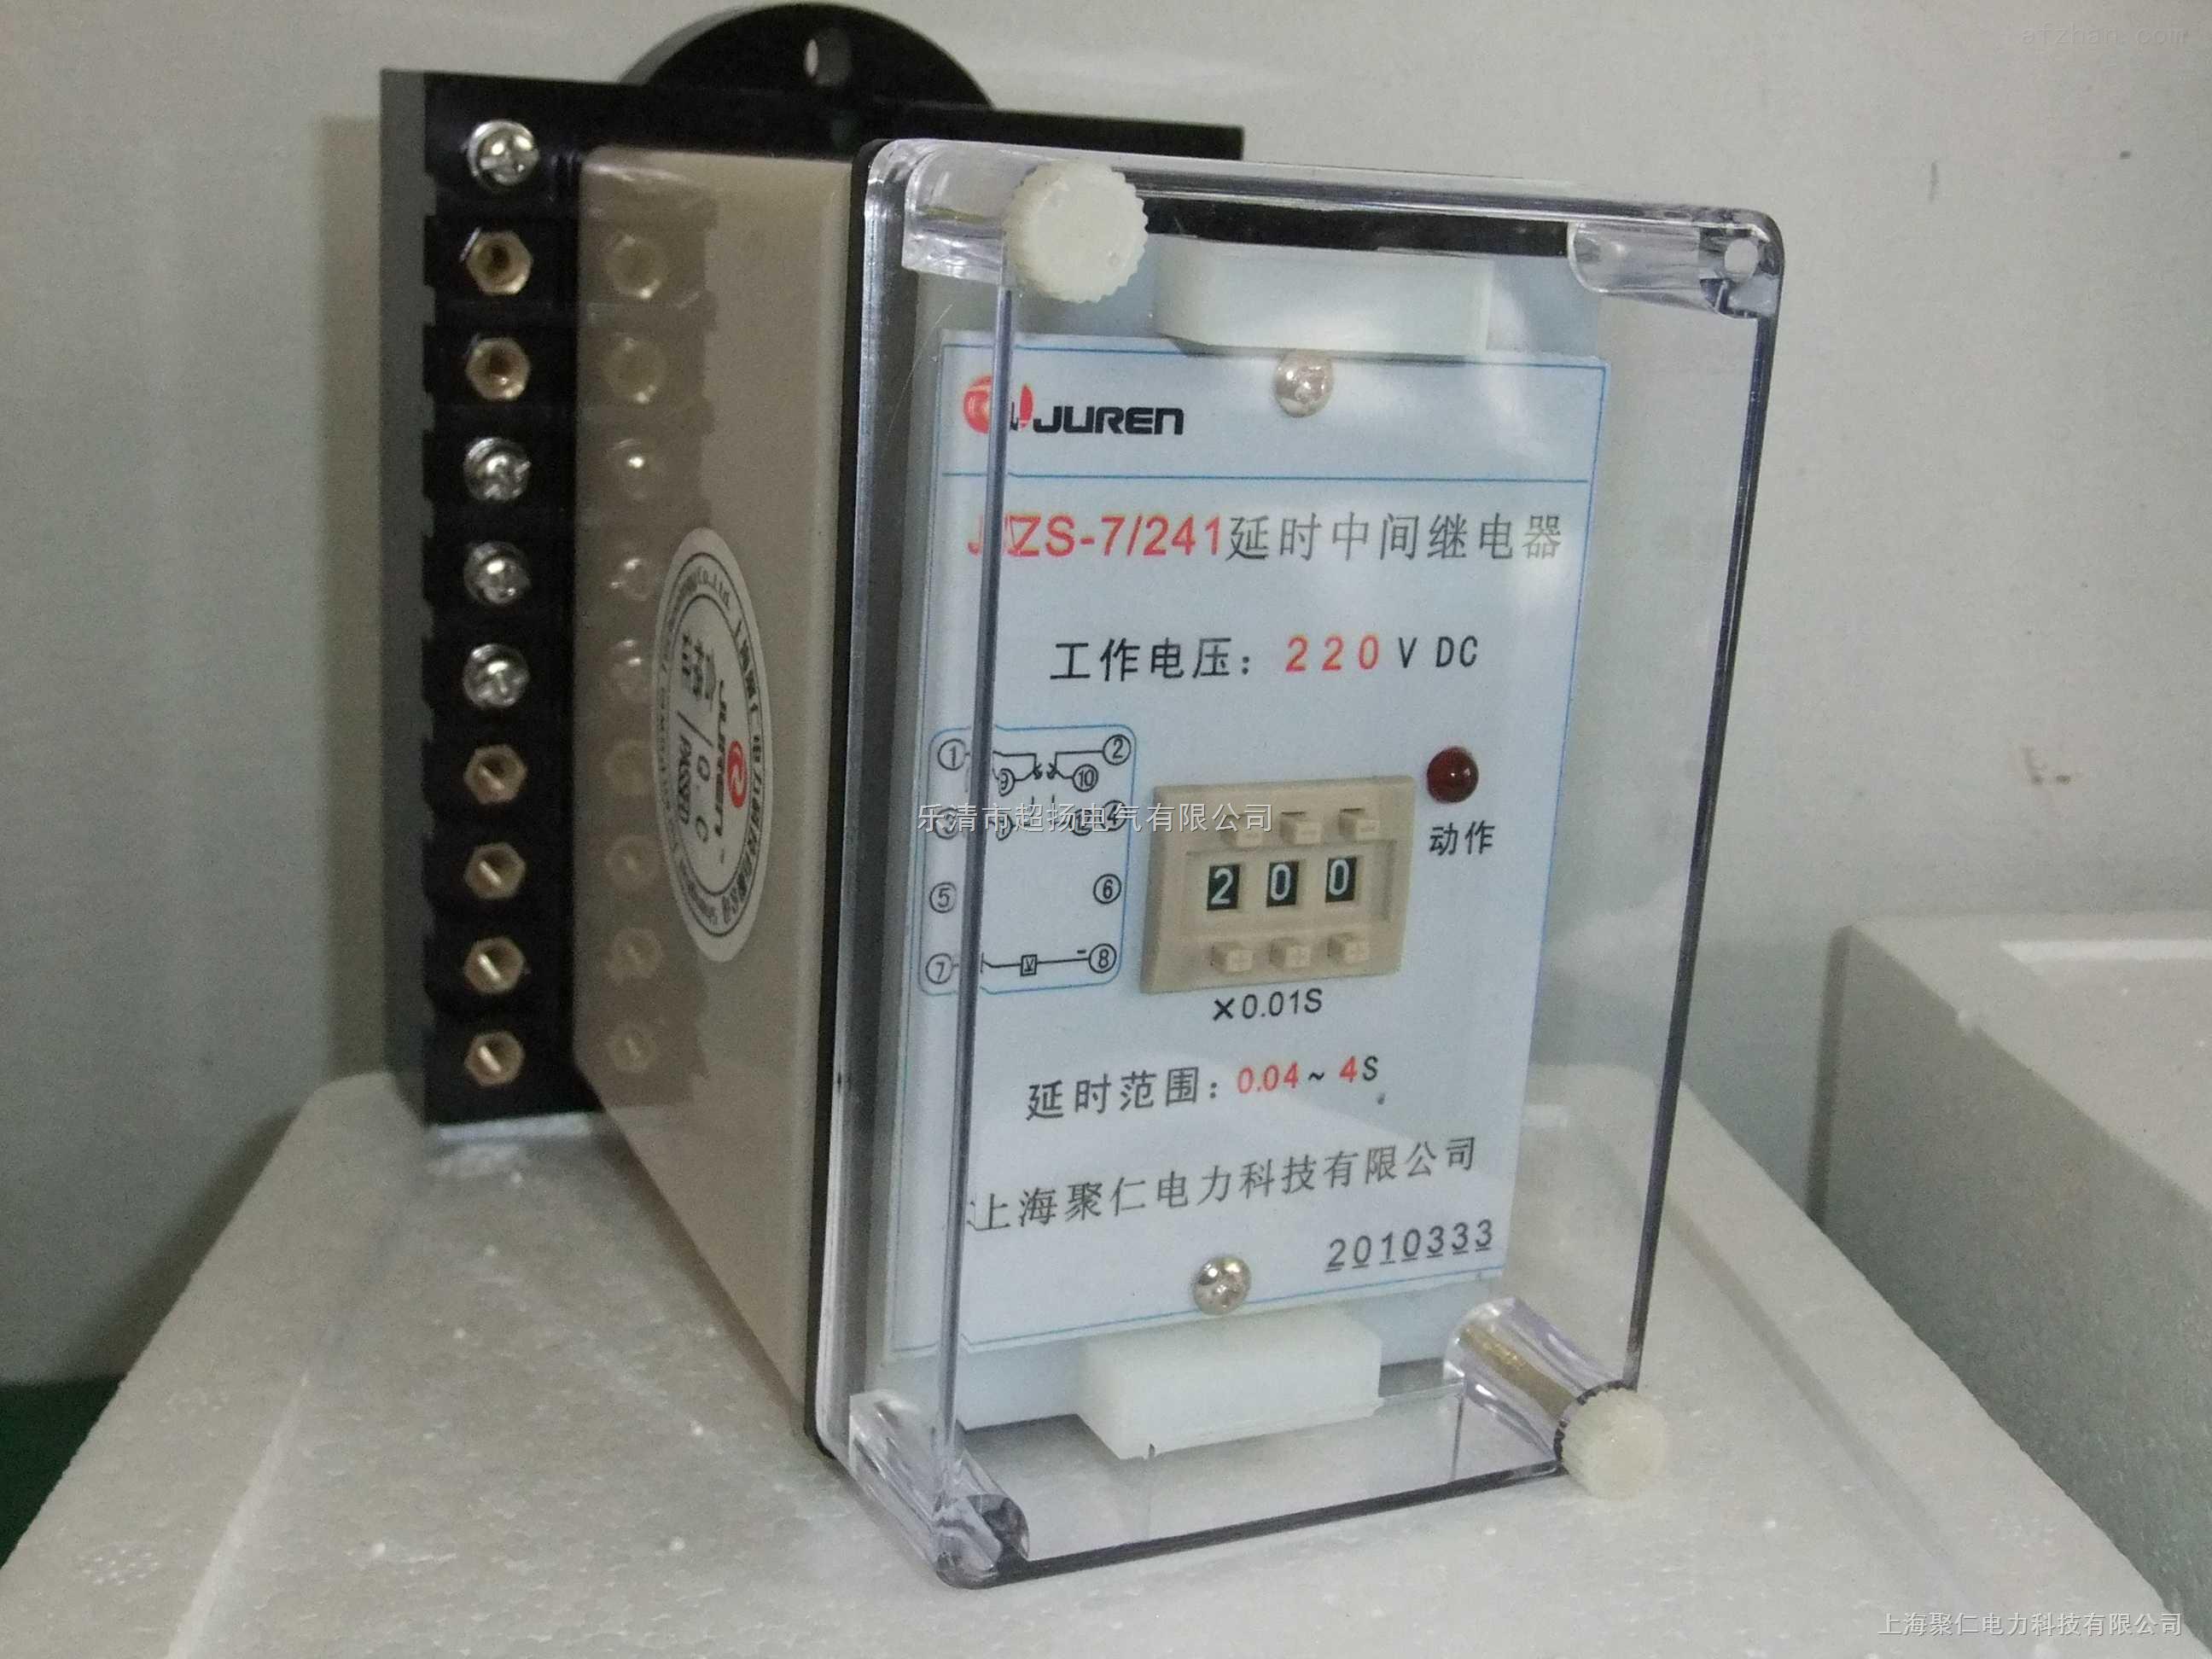 乐清市超扬电器专业生产: 中间继电器:DZB,DZS,DZK,DZY,DZJ,DZL系列 时间继电器:DS,BS,DX系列 电流继电器,DL.LL.GL,JL14.JS3,JT3,LG系列。 中间继电器DZY-208批发市场特价销售中,大量现货,欢迎广大客户来电咨询,谢谢! 联系人:曾先生 商务QQ:645269482 电 话:0577-61735628 手 机:15382529877 DZY-200系列中间继电器 中间继电器功能说明; 中间继电器选型手册: 中间继电器报价说明: